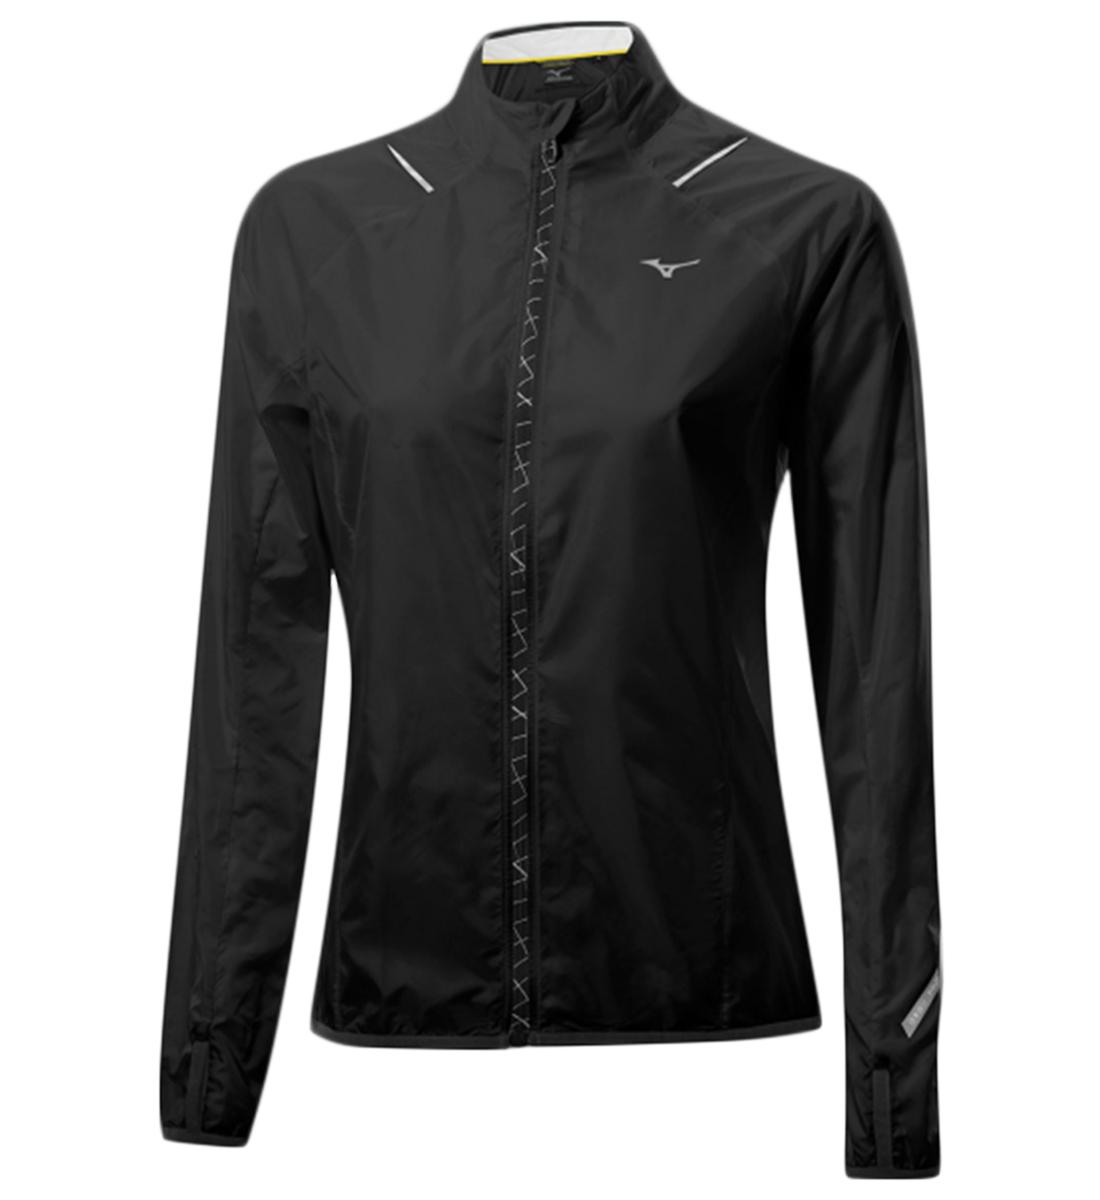 Женская ветрозащитная куртка Mizuno Impermalite (J2GC4201 09)